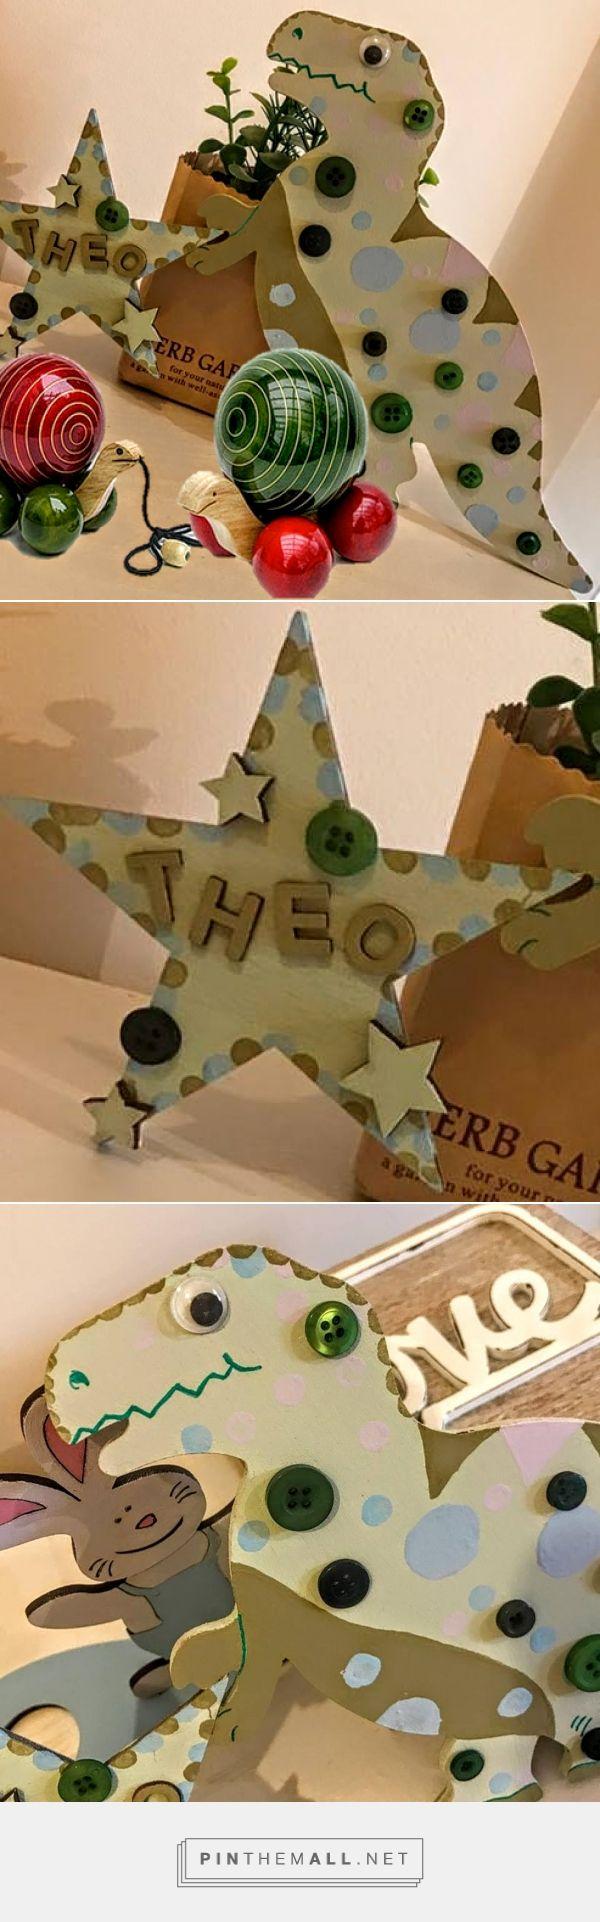 Dinosaur room plaque Dinosaur door plaque Kids door plaque Kids room plaque Personalised childrens gift Personalized kids name plaque